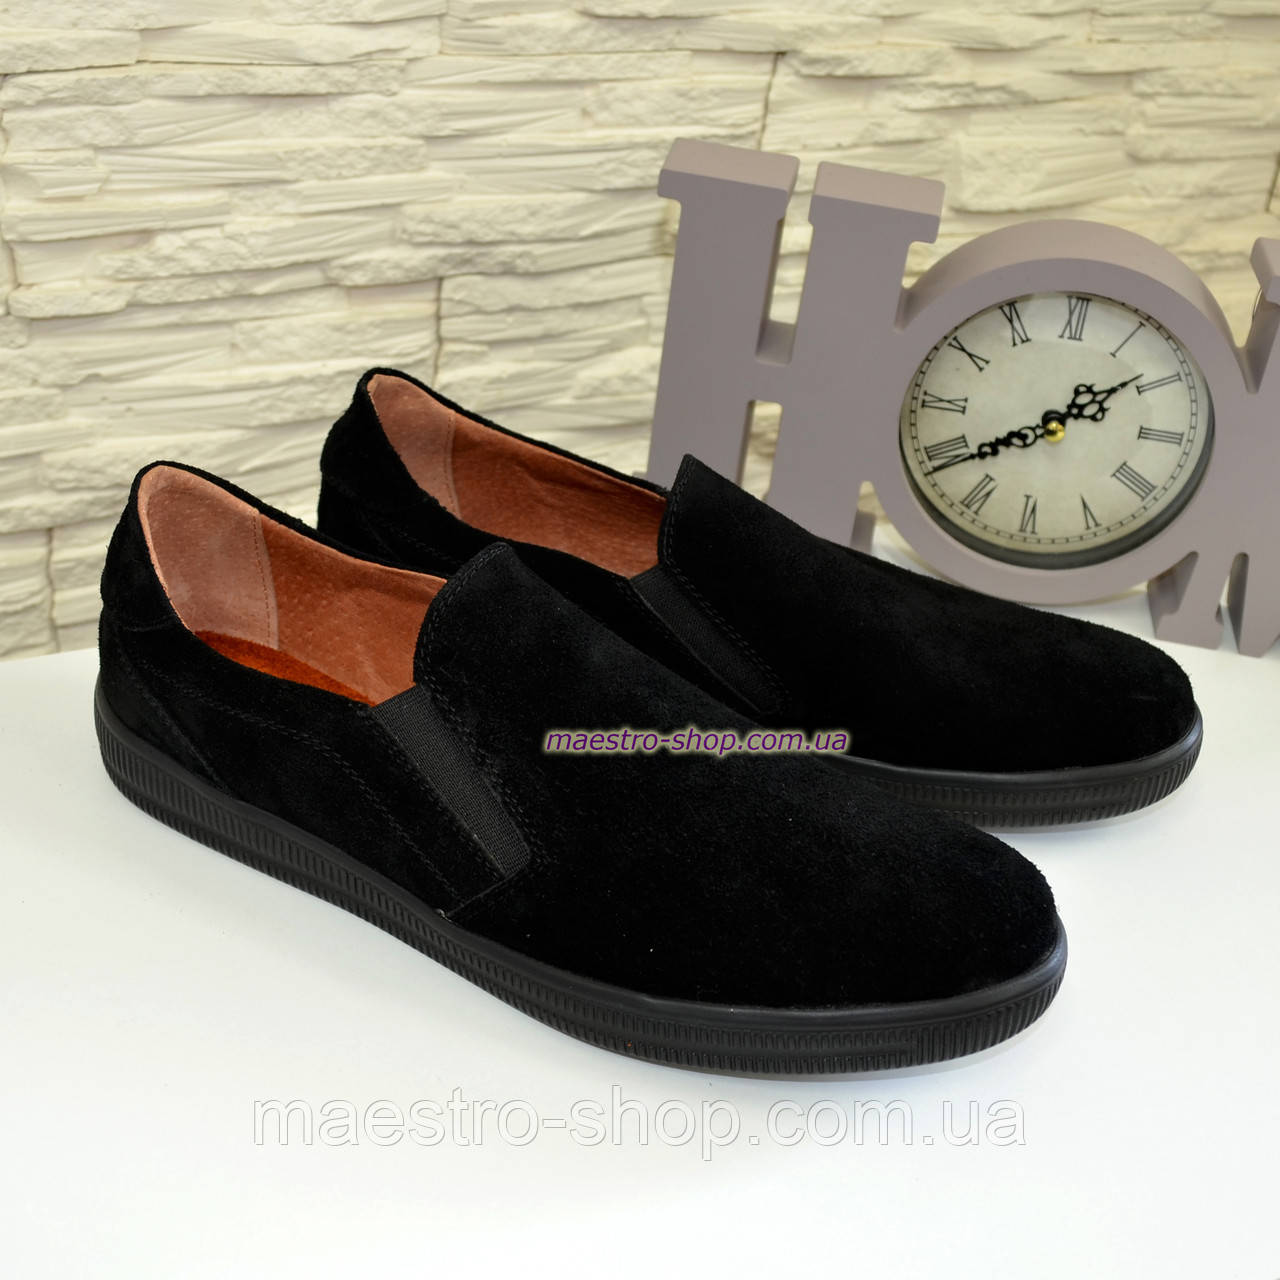 Мужские туфли-мокасины из натуральной черной замши, на плоской подошве